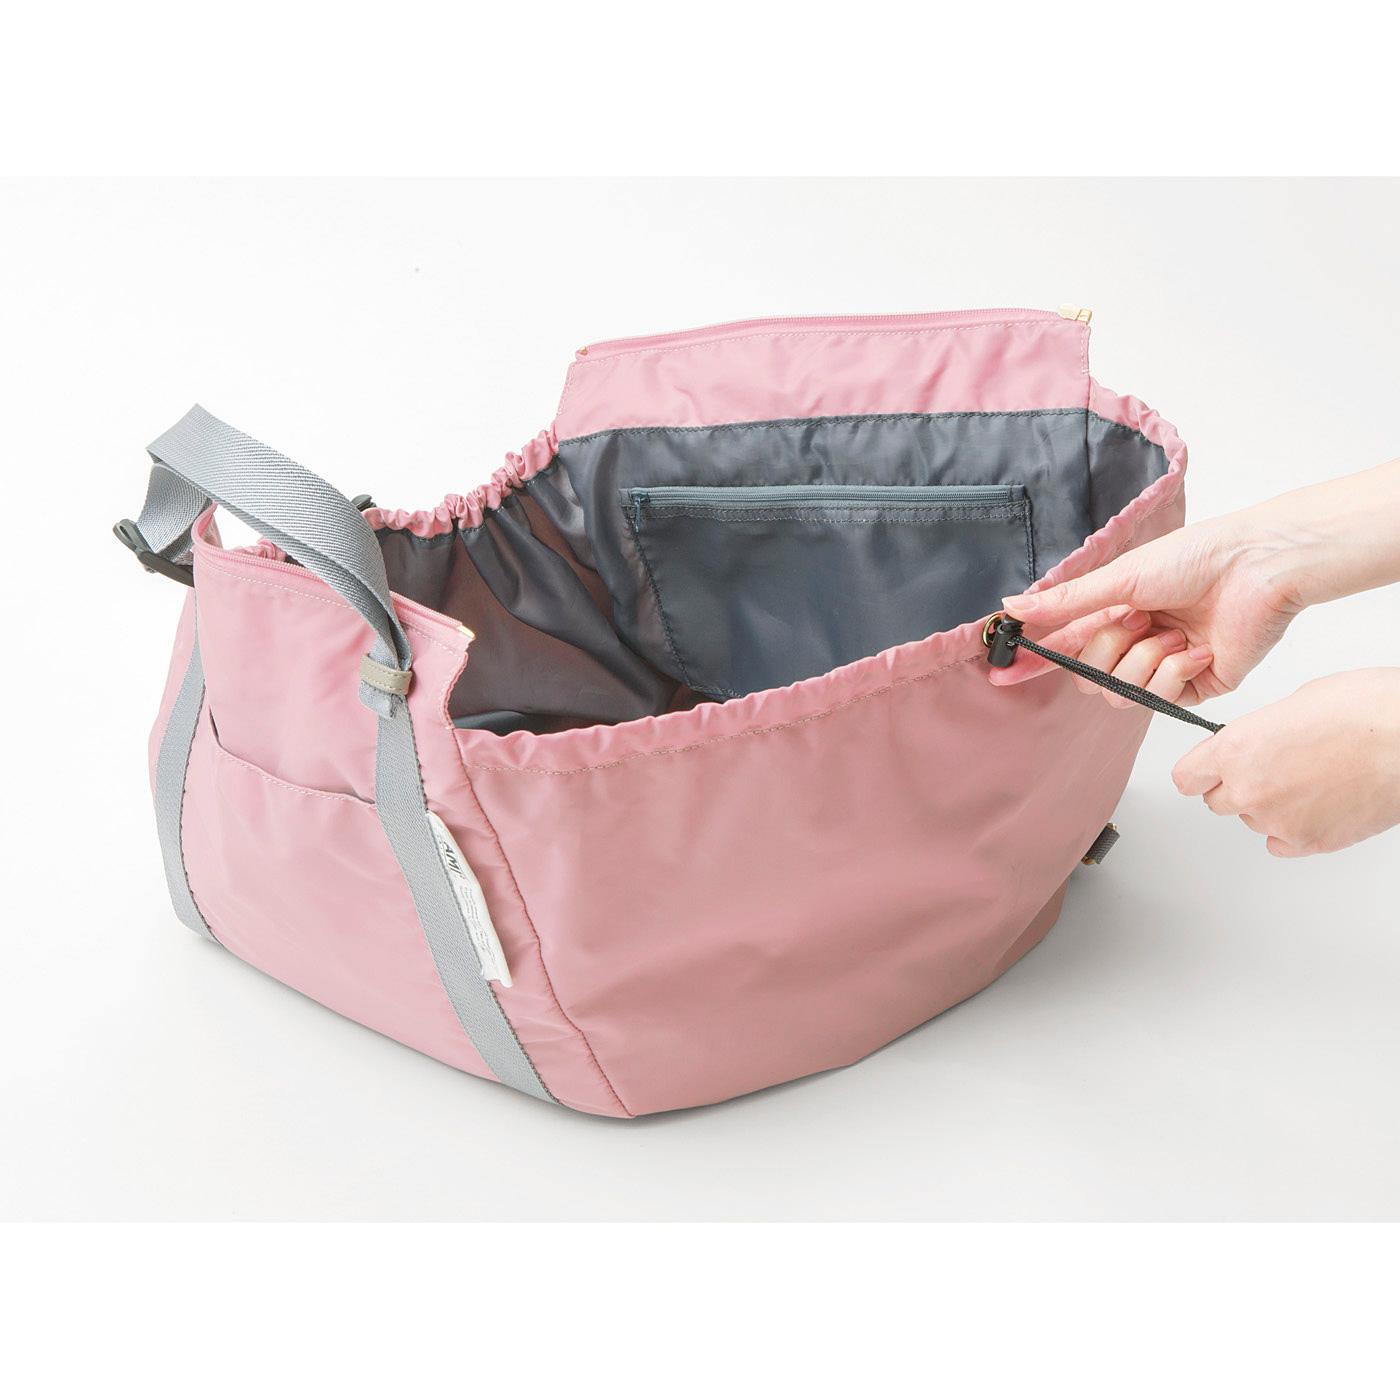 両サイドのひもでバッグをしぼり、上部のファスナーを閉めます。